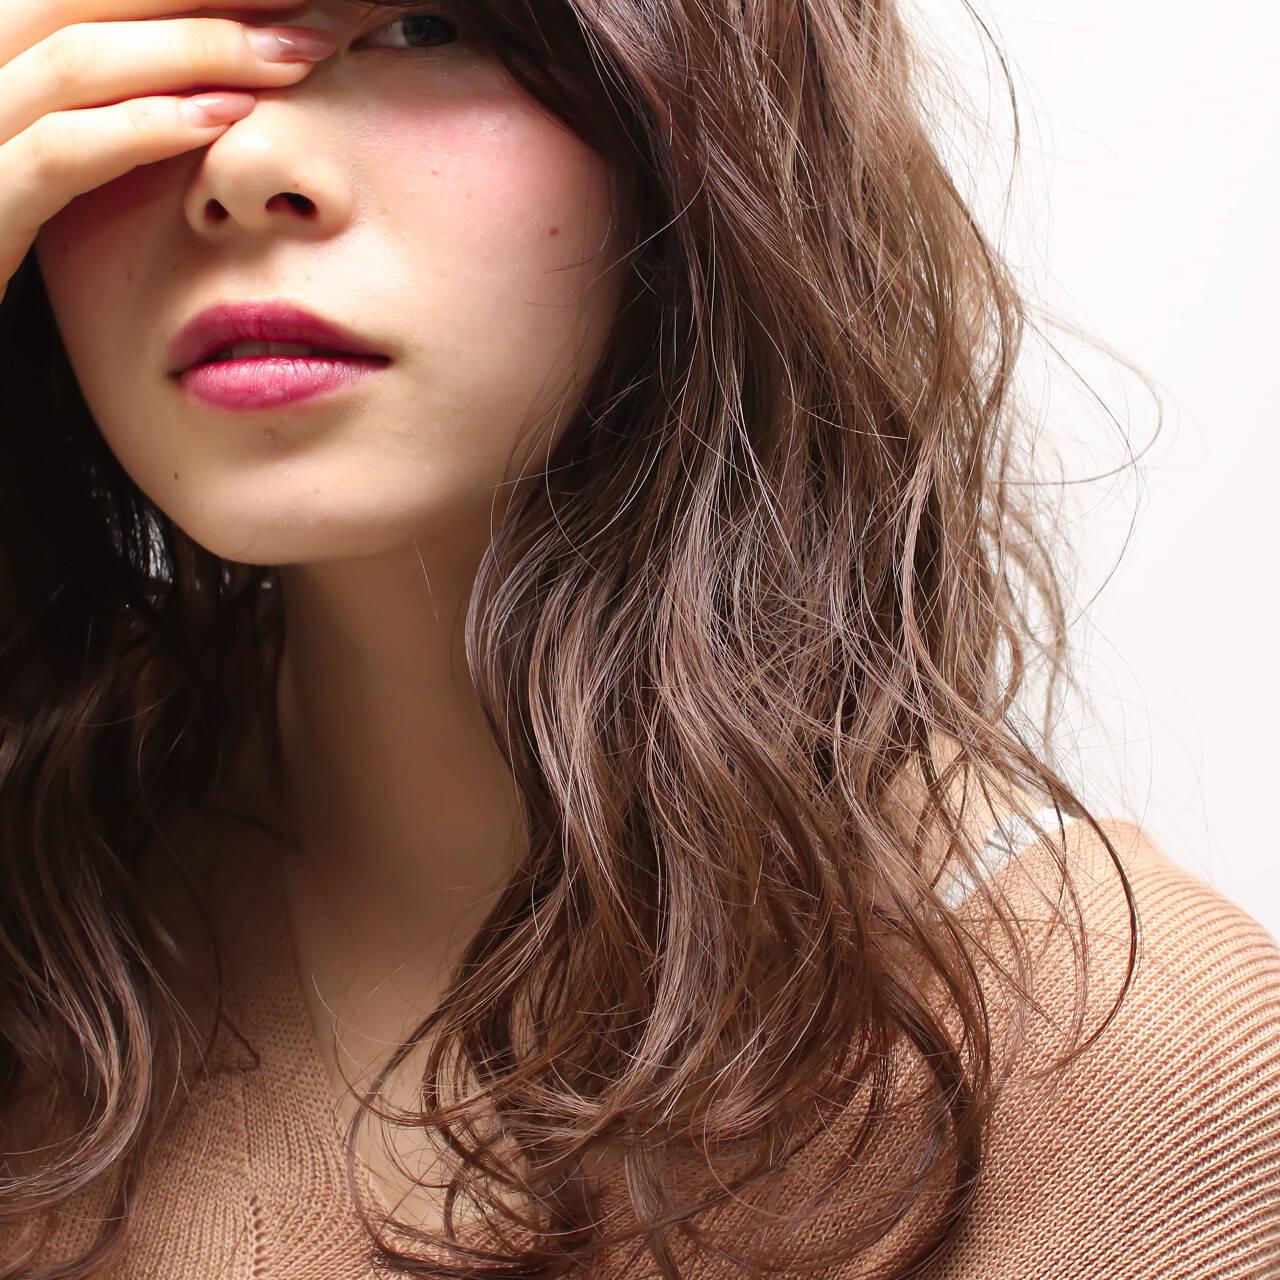 セミロング 大人かわいい 外国人風 ハイライトヘアスタイルや髪型の写真・画像